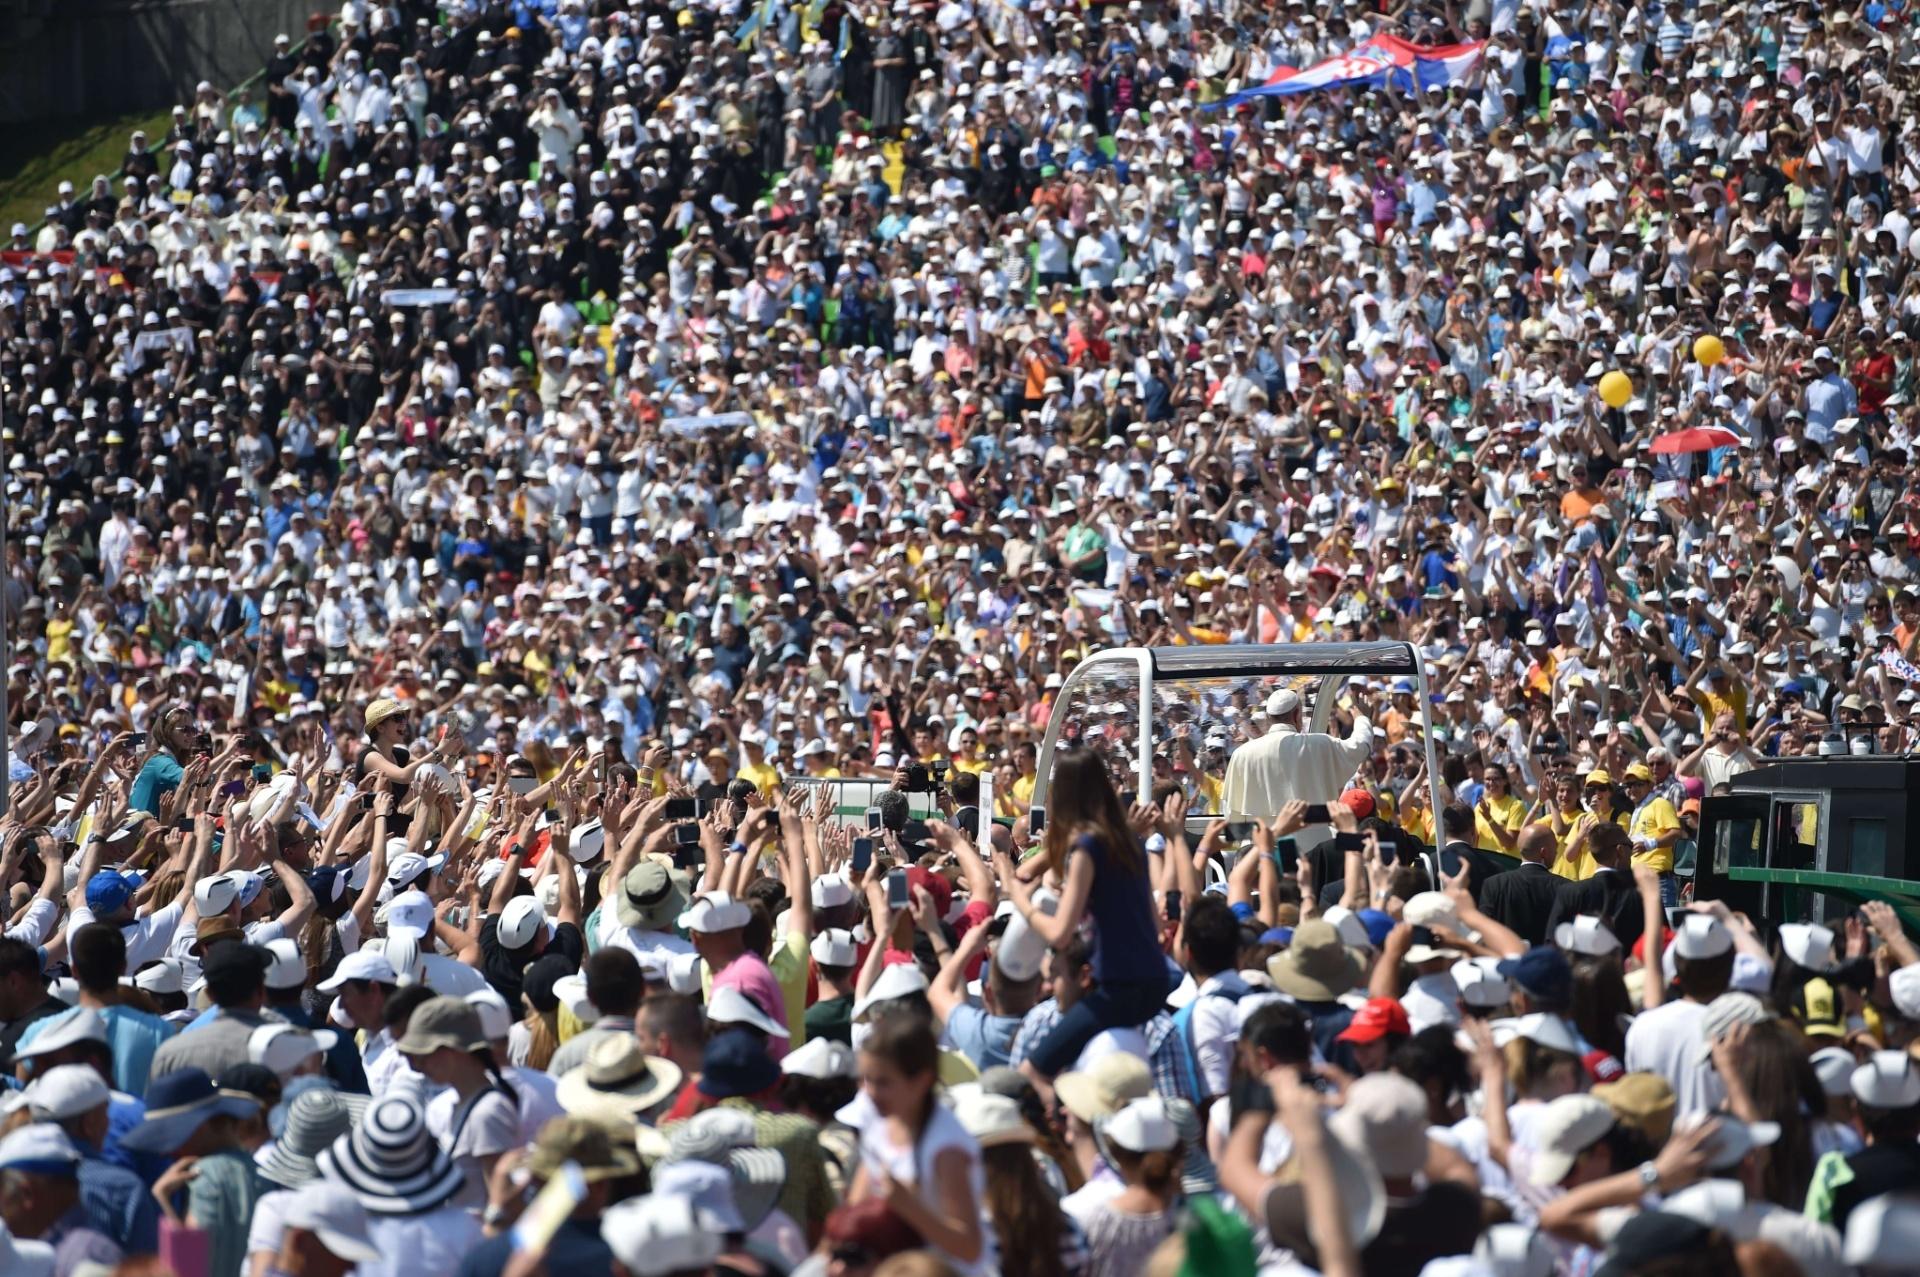 6.jun.2015 - Milhares de pessoas vibram com a chegada do papa Francisco neste sábado (6) ao estádio de Sarajevo, na Bósnia-Herzegóvina, onde o pontífice celebrou uma missa. Em discurso, o chefe da Igreja Católica afirmou sentir um